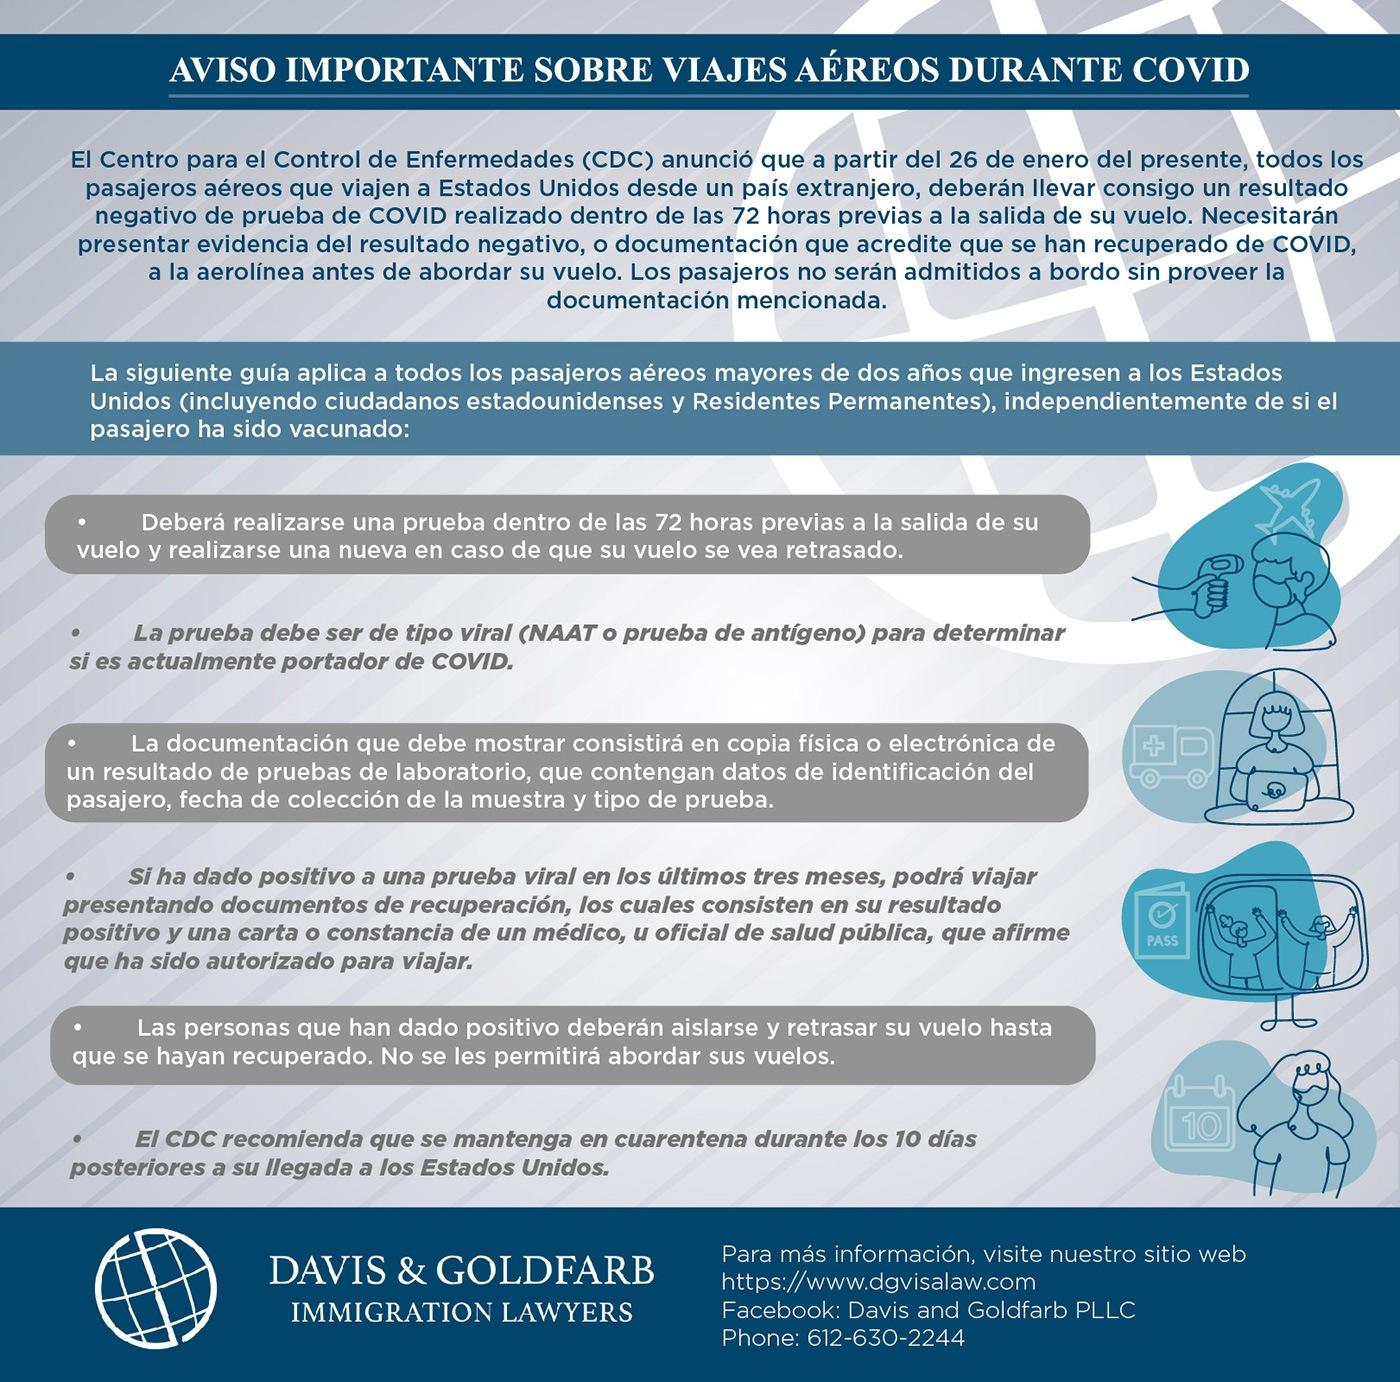 ¿Cómo puedo hacerme una prueba de COVID en México?